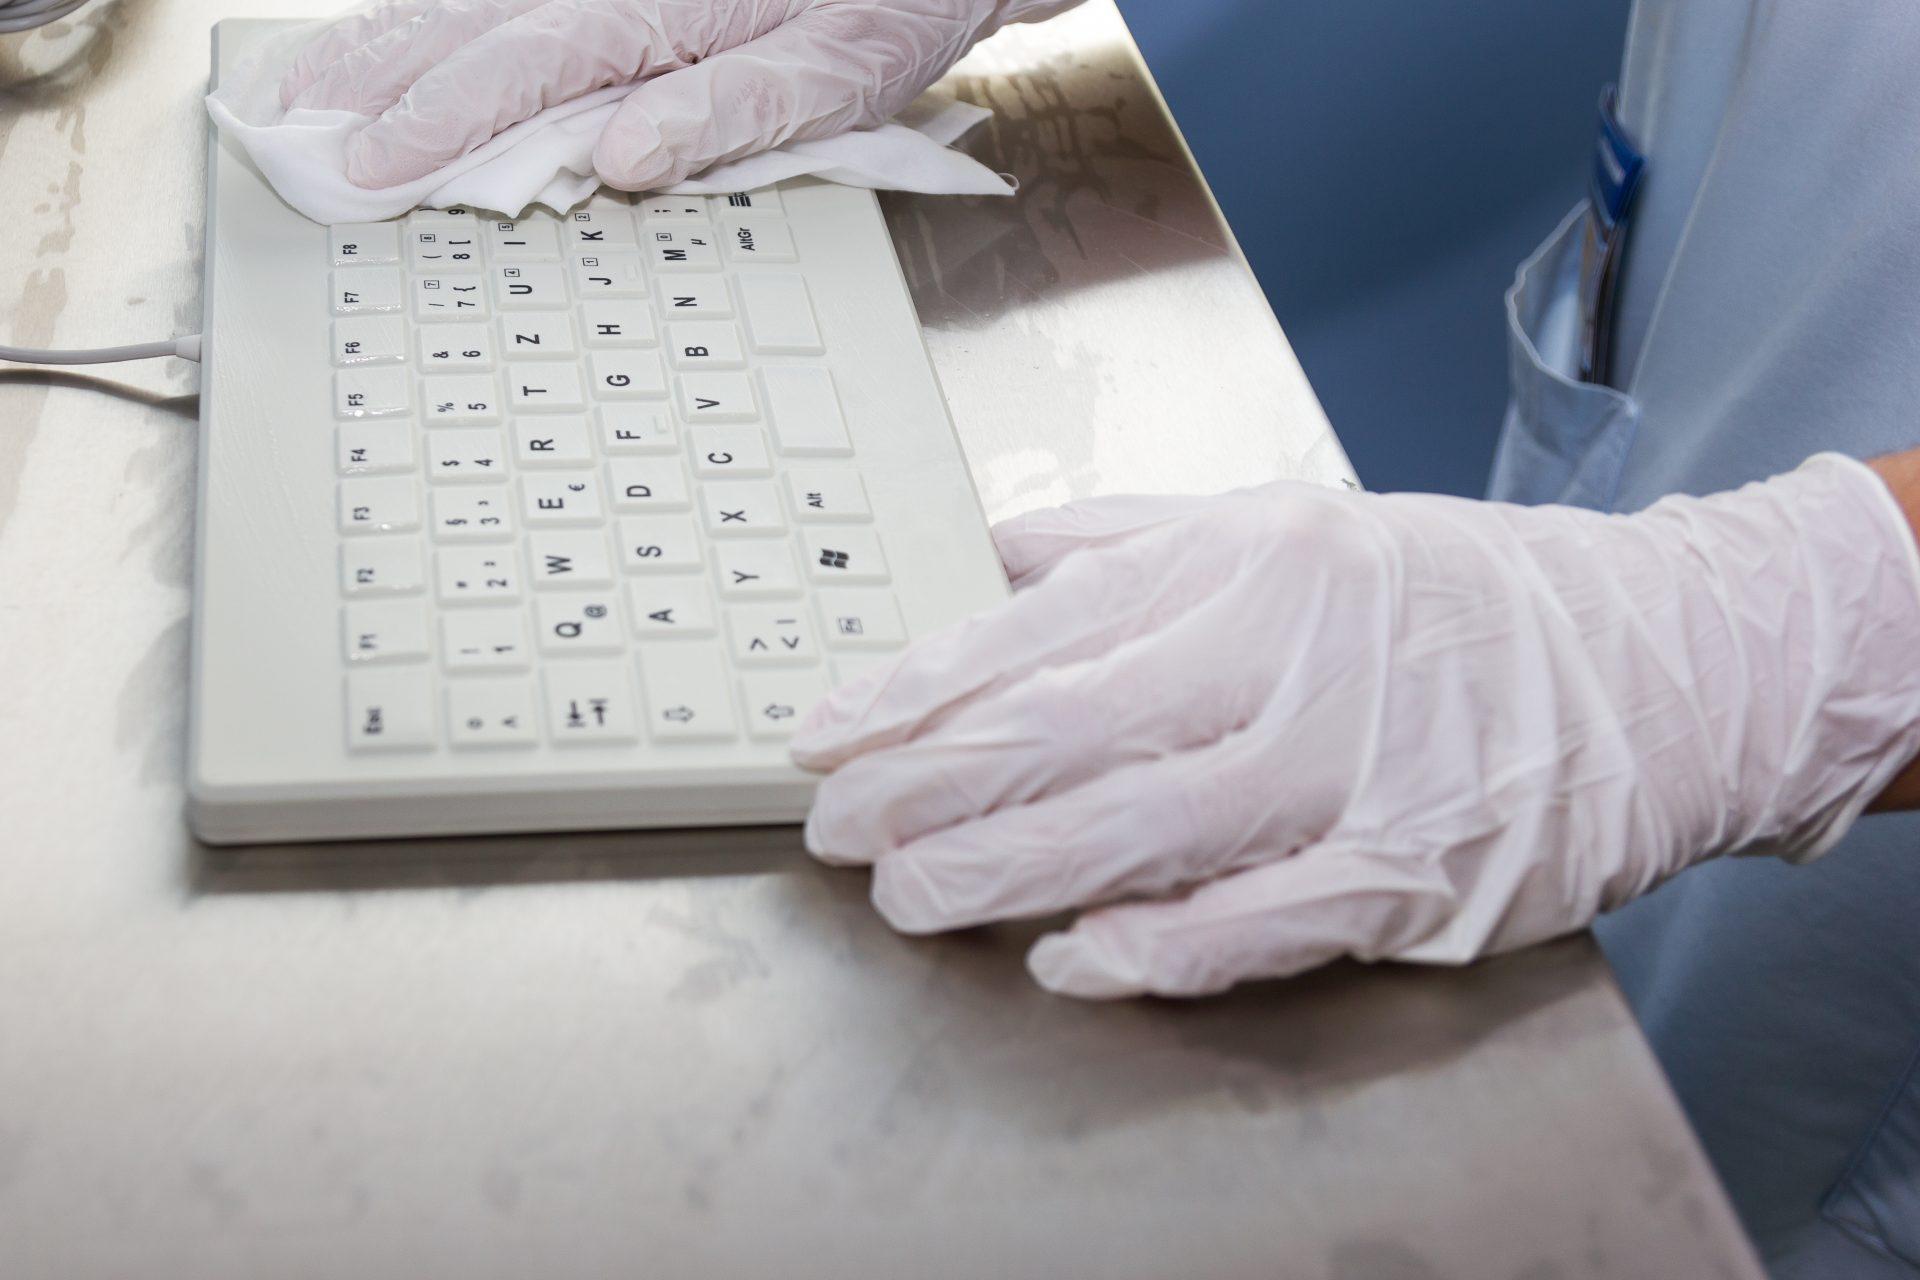 Reinigung Silikontastaturen